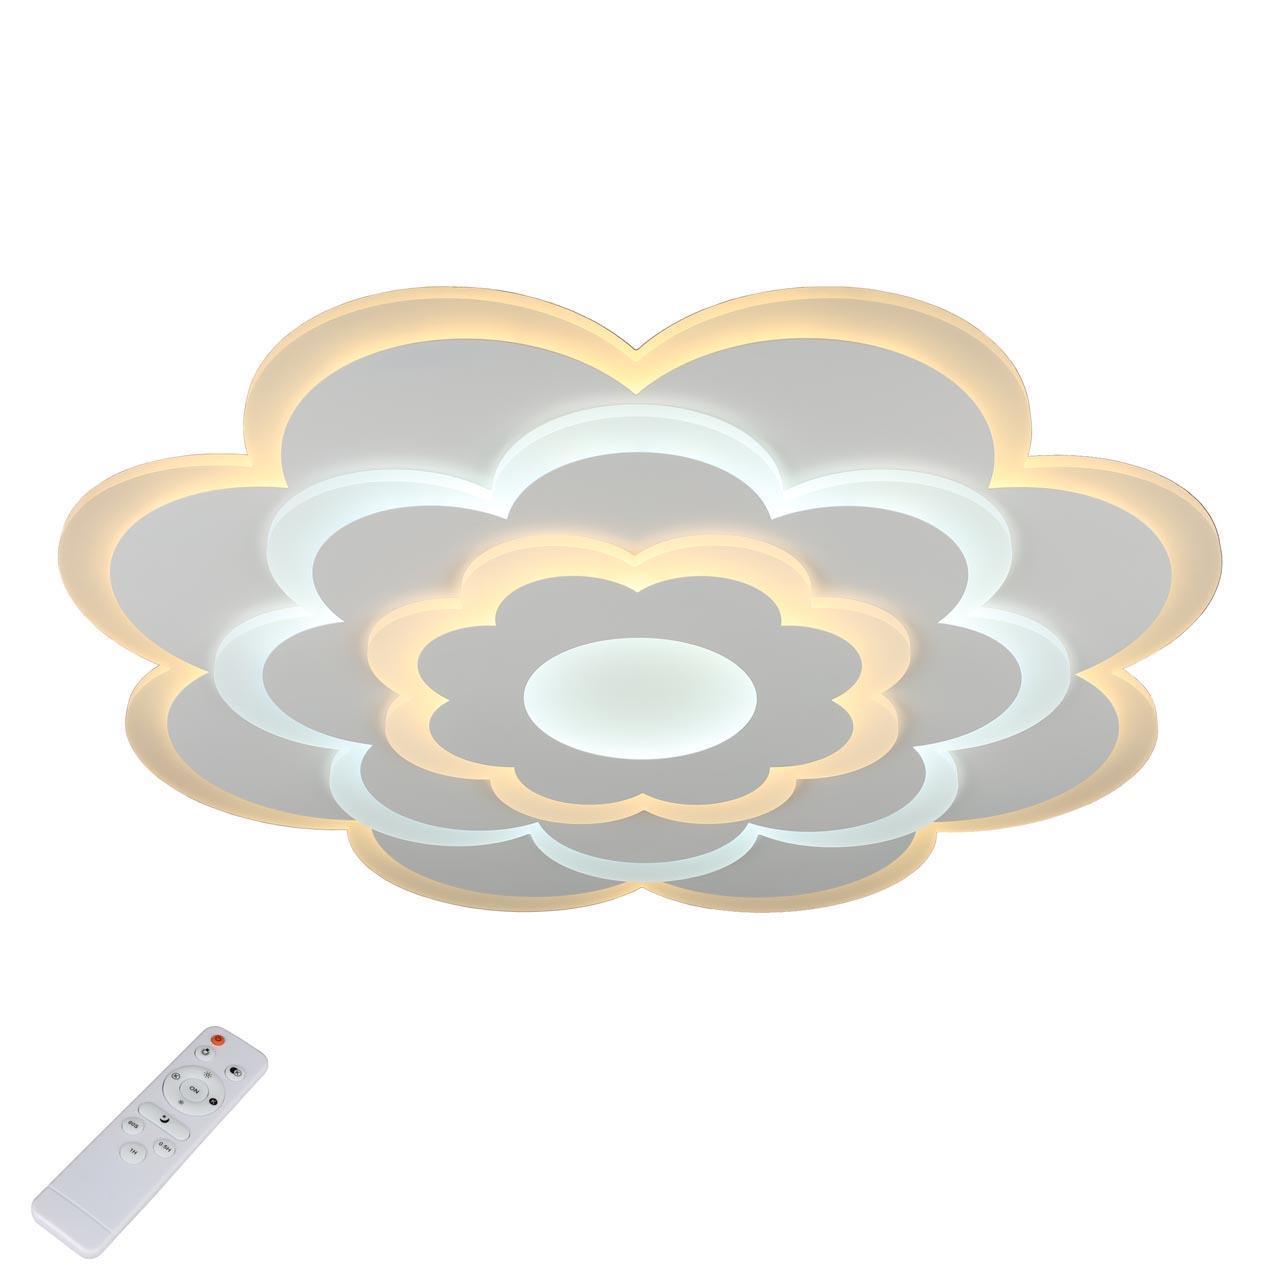 Потолочный светильник Omnilux OML-05107-65, белый потолочный светодиодный светильник с пультом ду omnilux orion oml 43107 60